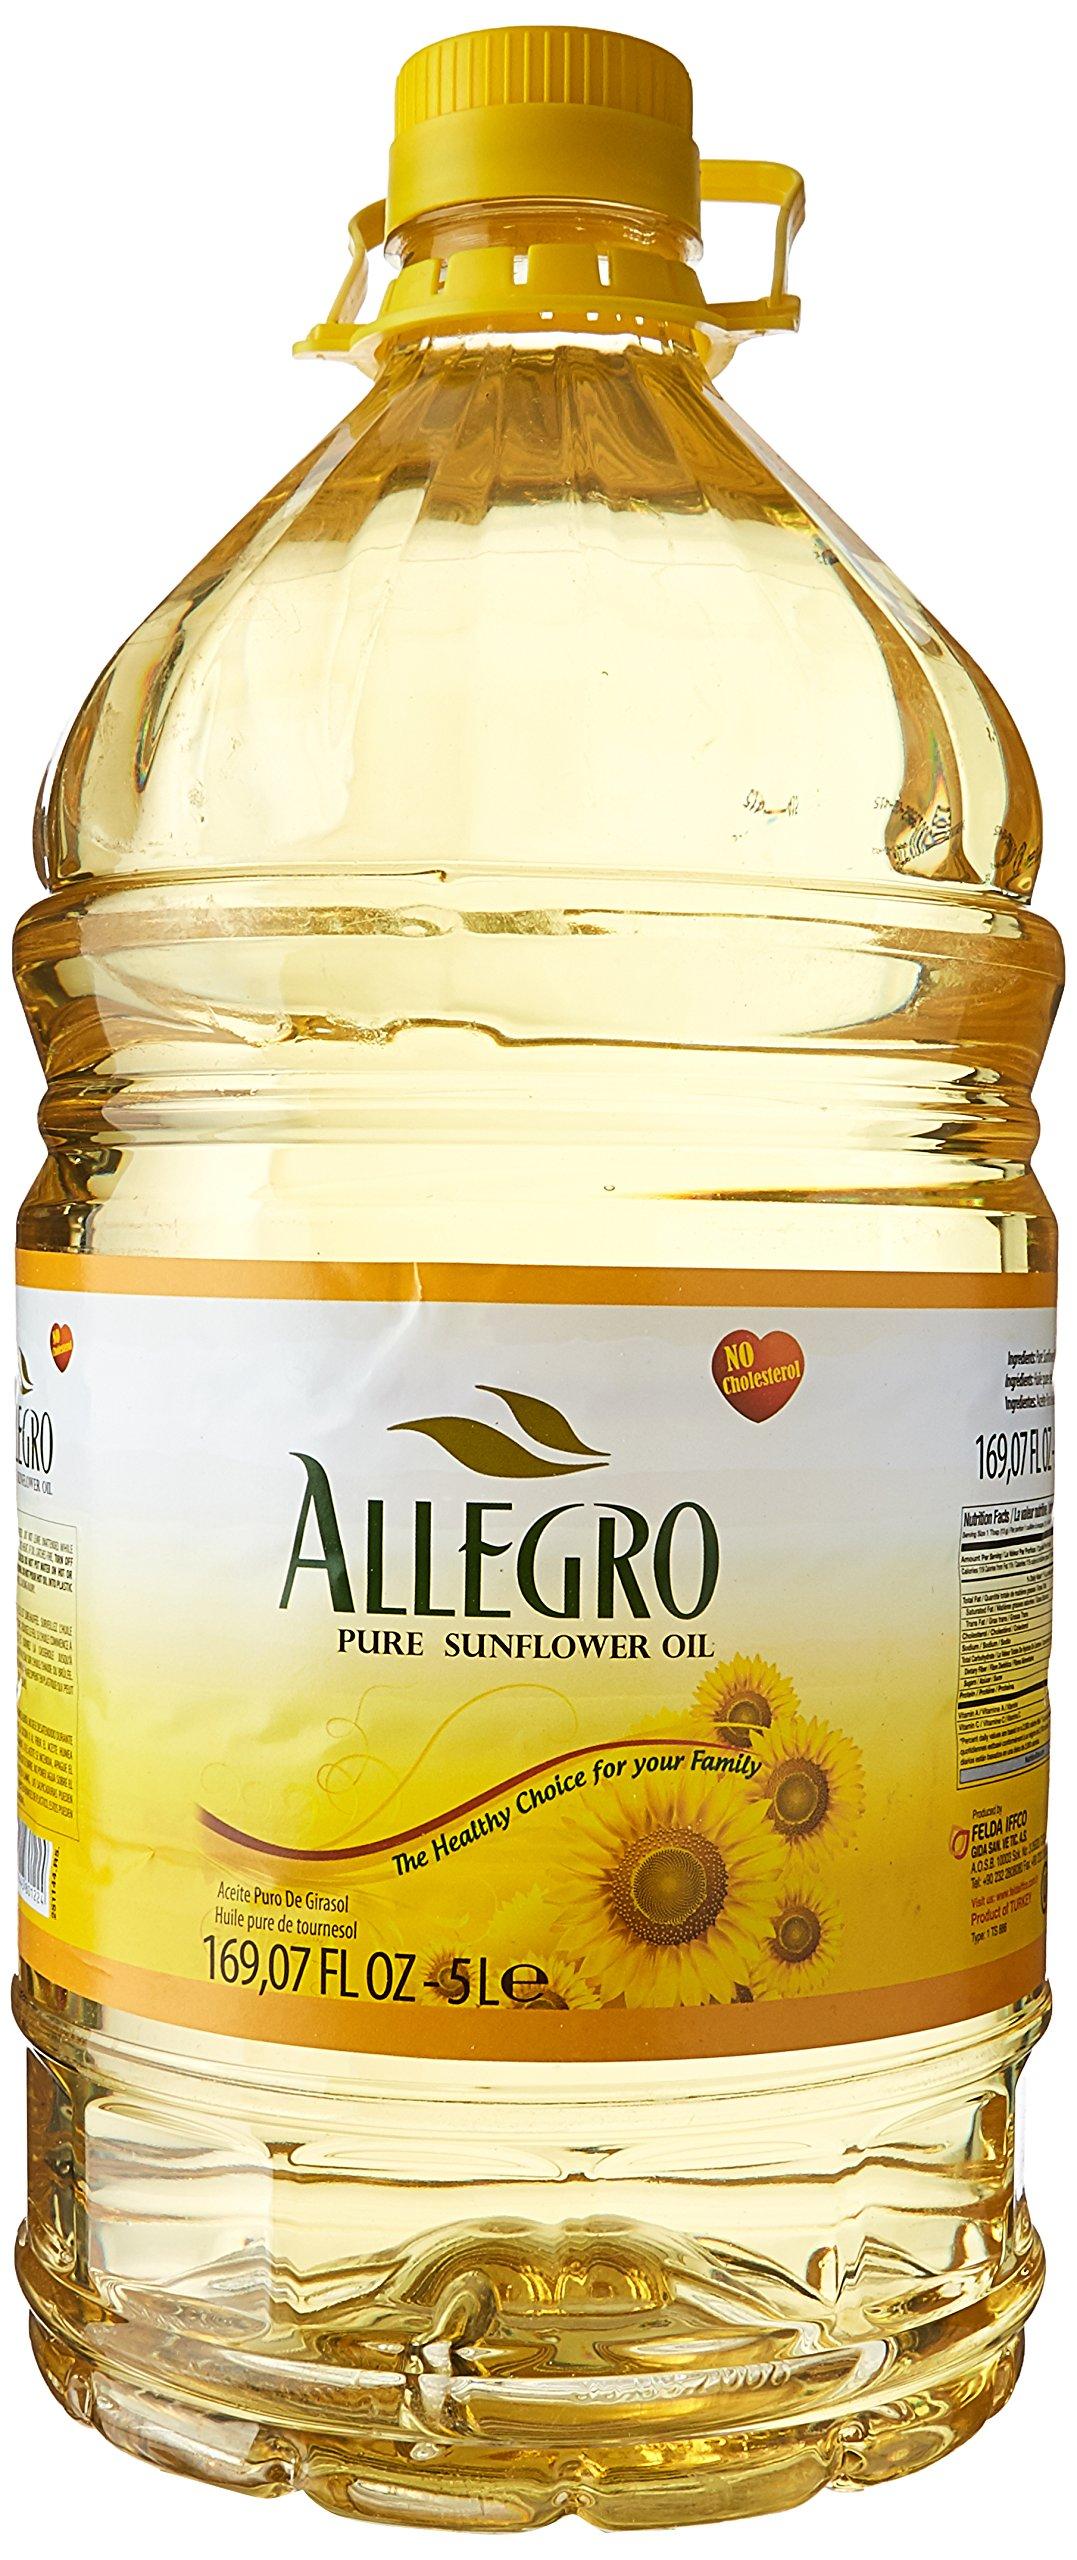 Allegro, Pure Sunflower Oil, 5 Liter(ltr)